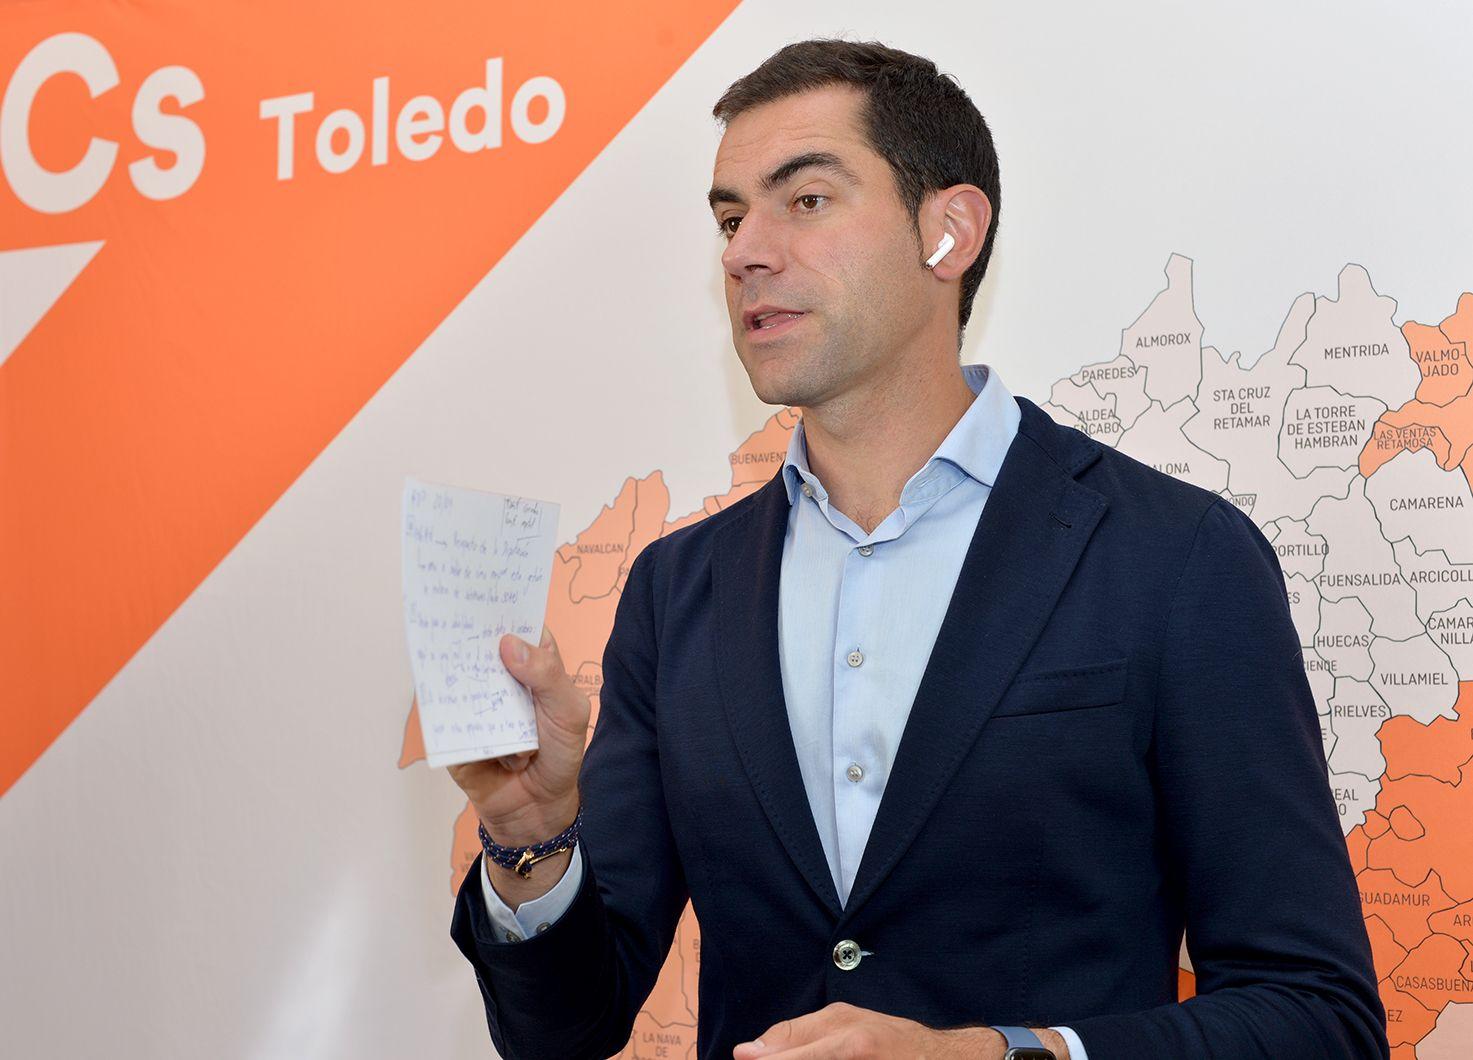 Cs Toledo propone un Plan de Subvenciones para que los más de 50 millones que la Diputación destina a ayudas